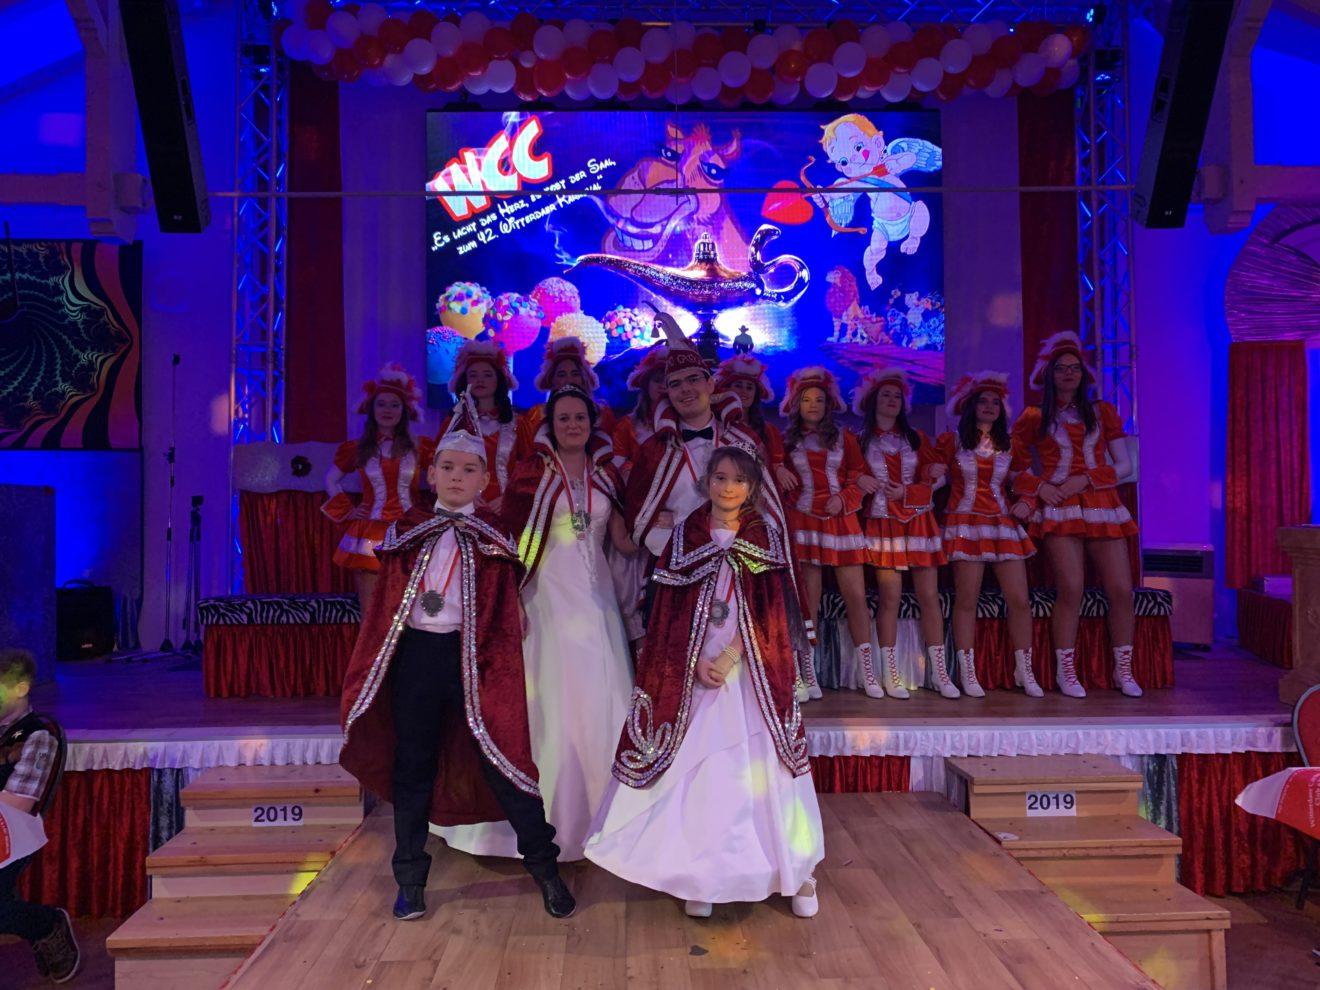 Witterdaer Carneval Club e.V.